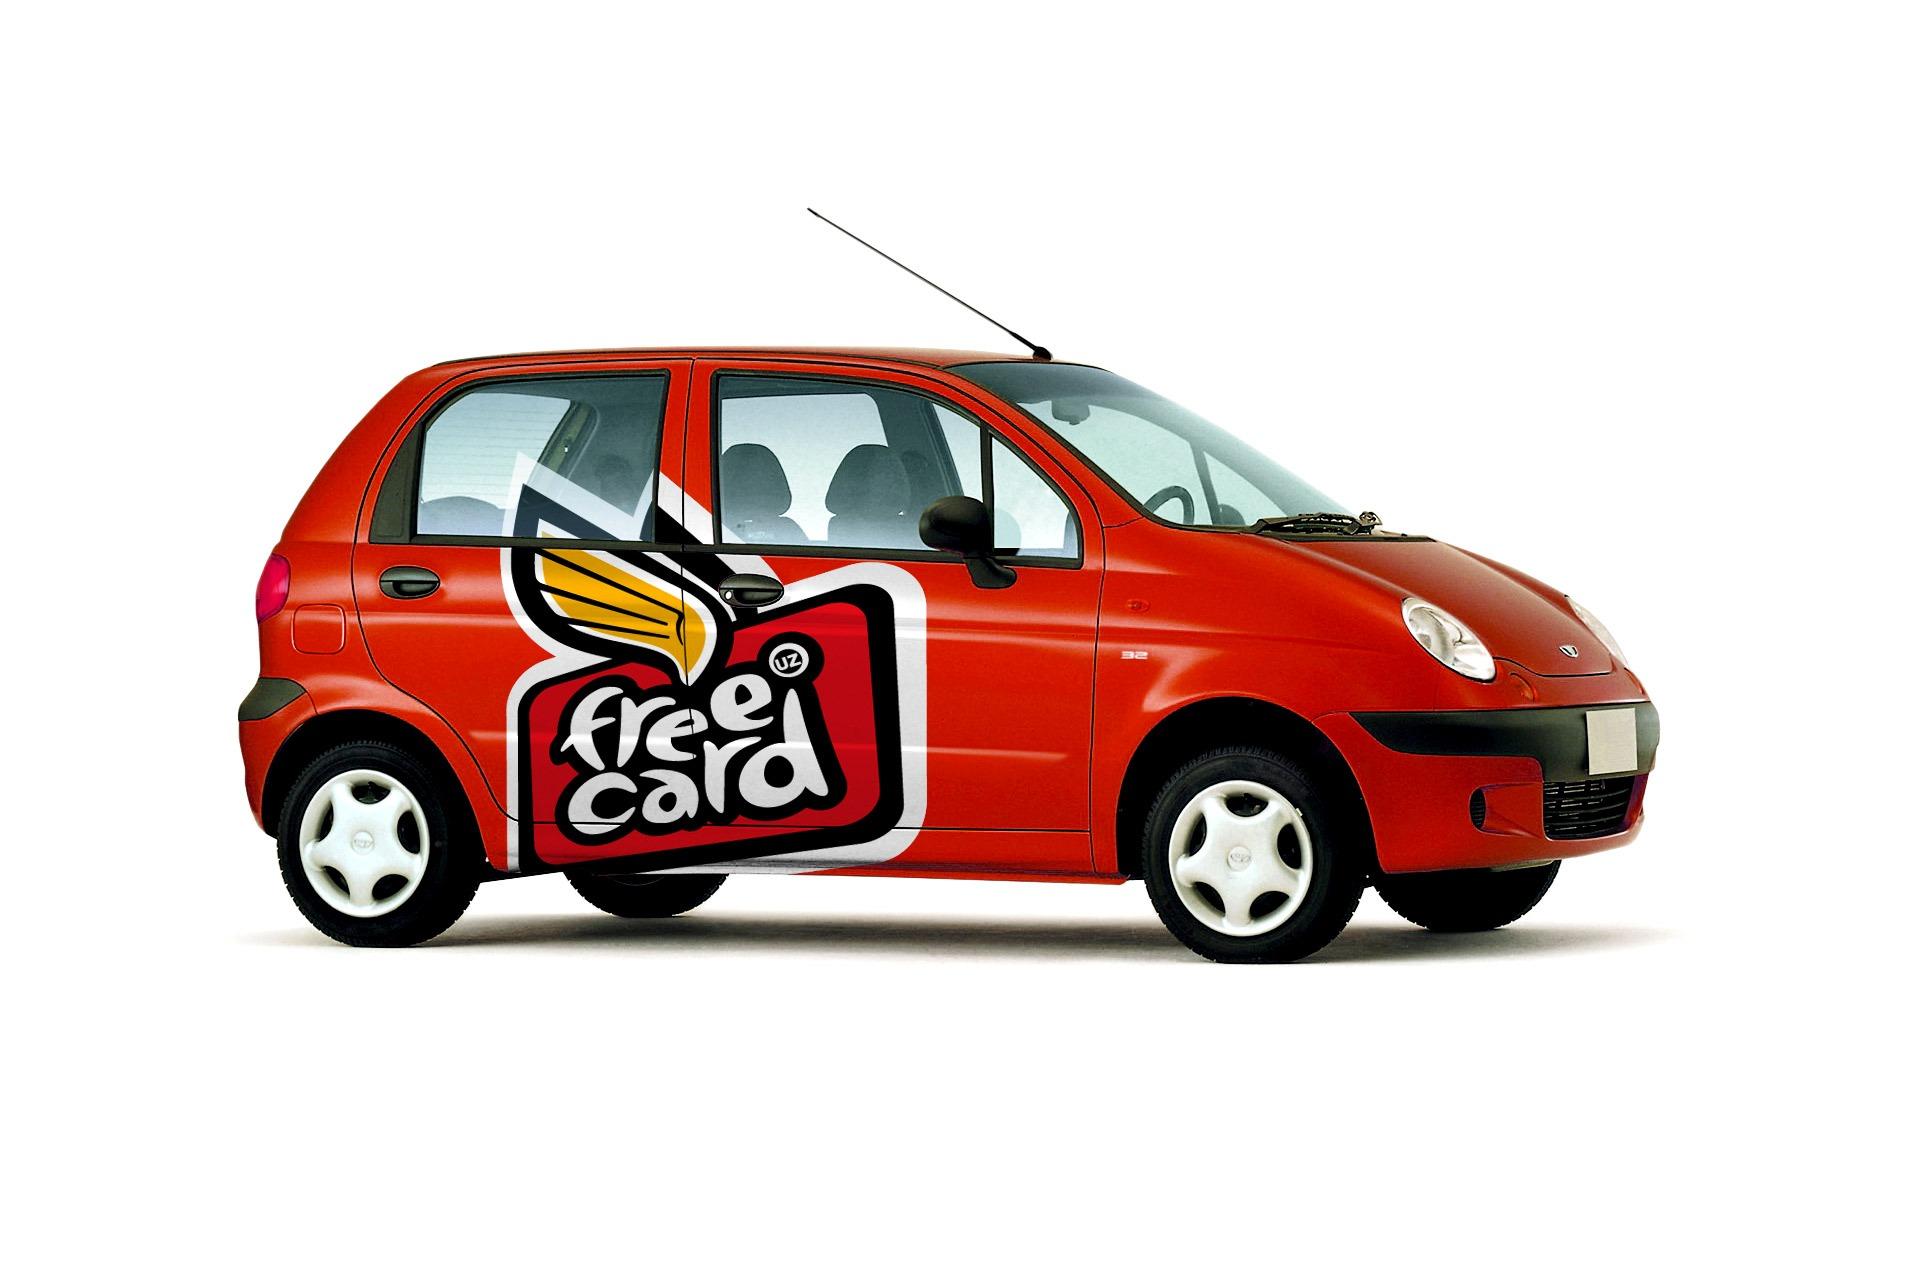 Asgard Branding, фирменный стиль, брендинг автомобиля, лого, Free Card, дизайн, графический дизайн, рекламное агентство